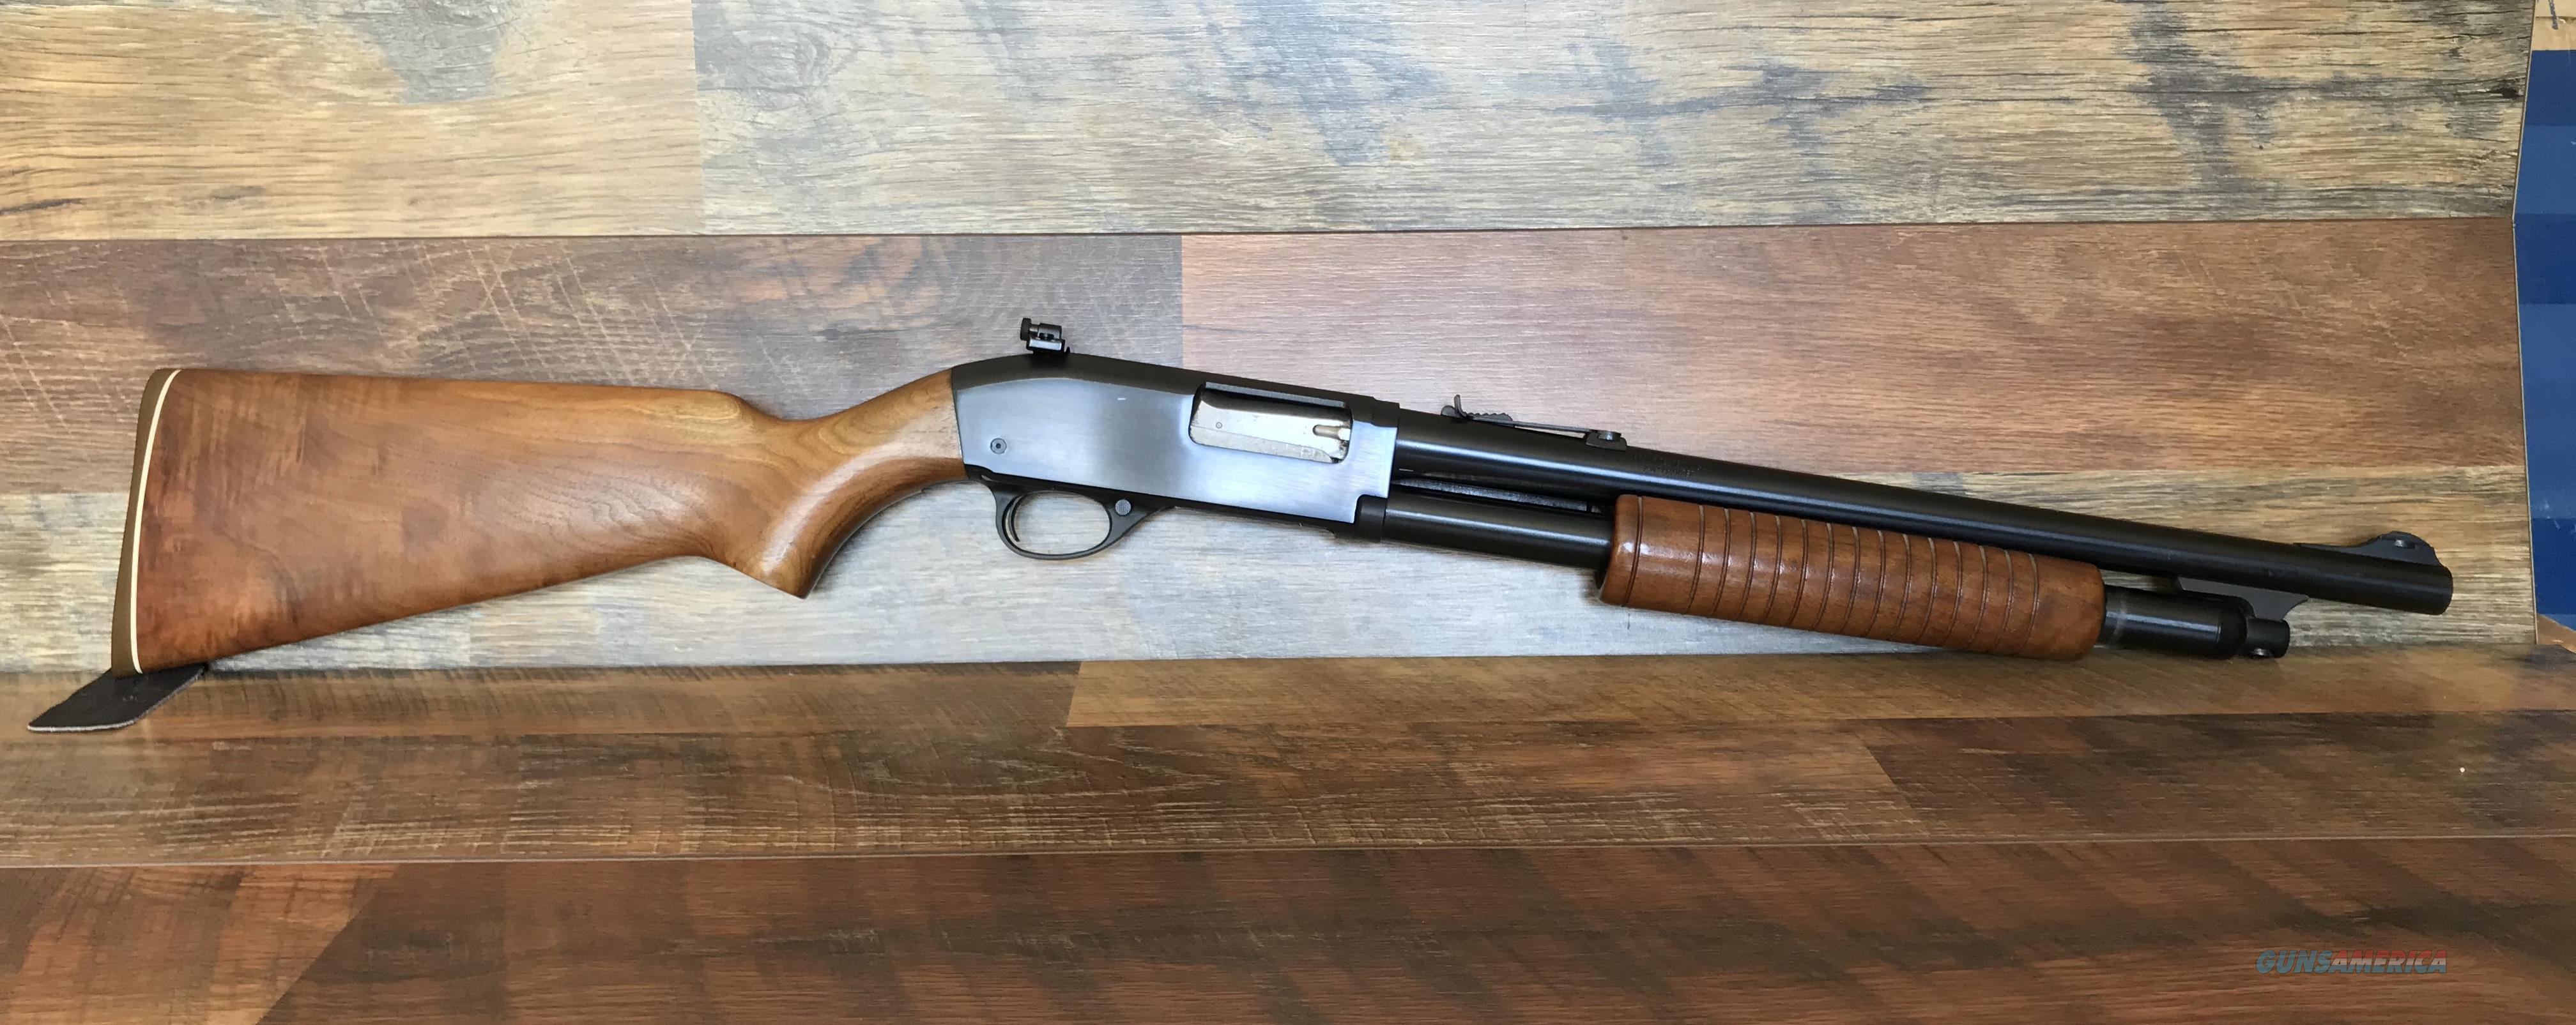 High Standard Flite King Brush model K-102  Guns > Shotguns > High Standard Shotguns